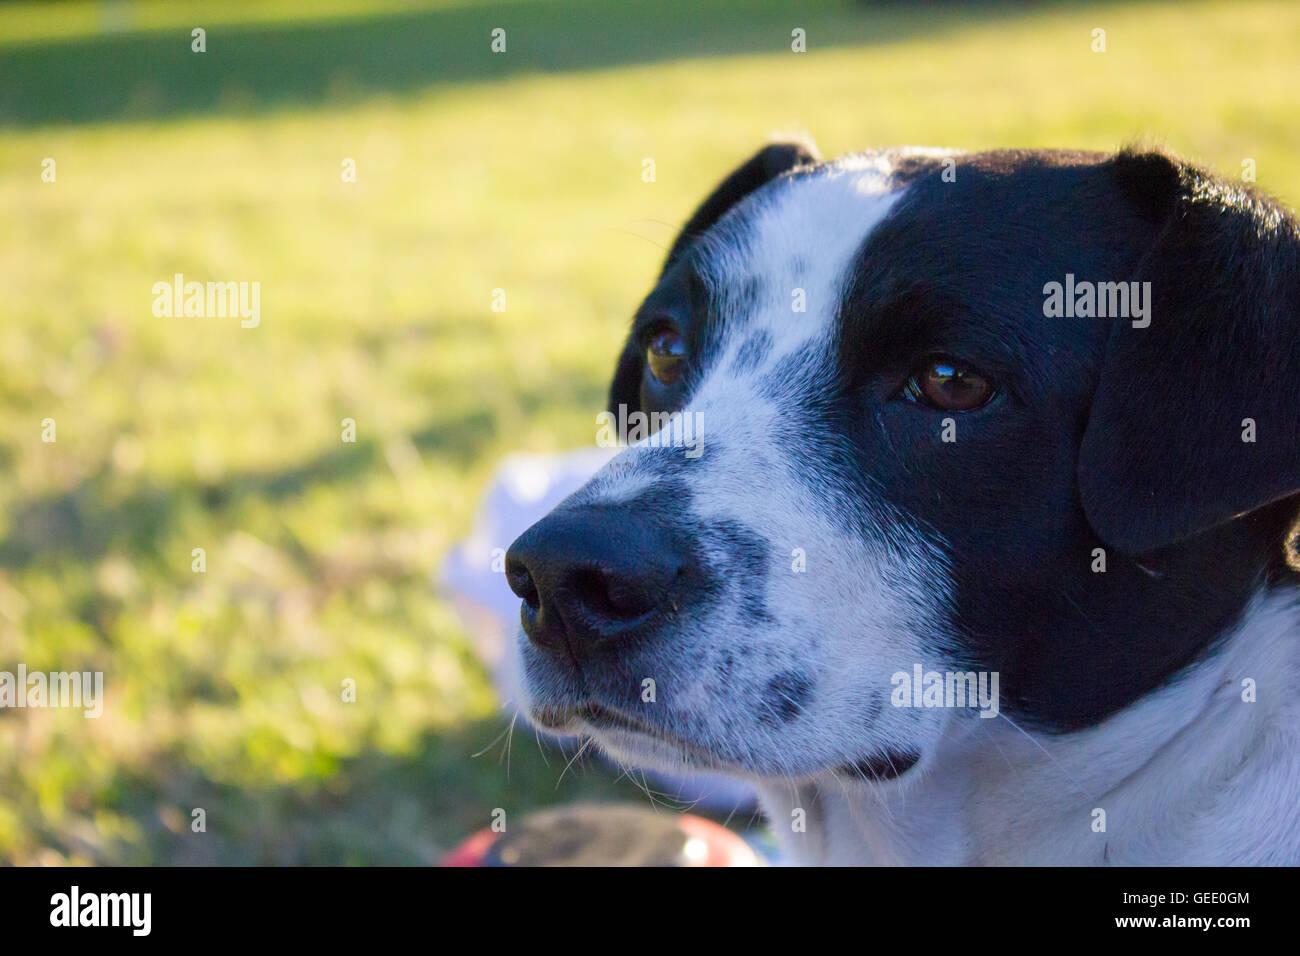 Hund auf der Suche von Kamera im park Stockbild